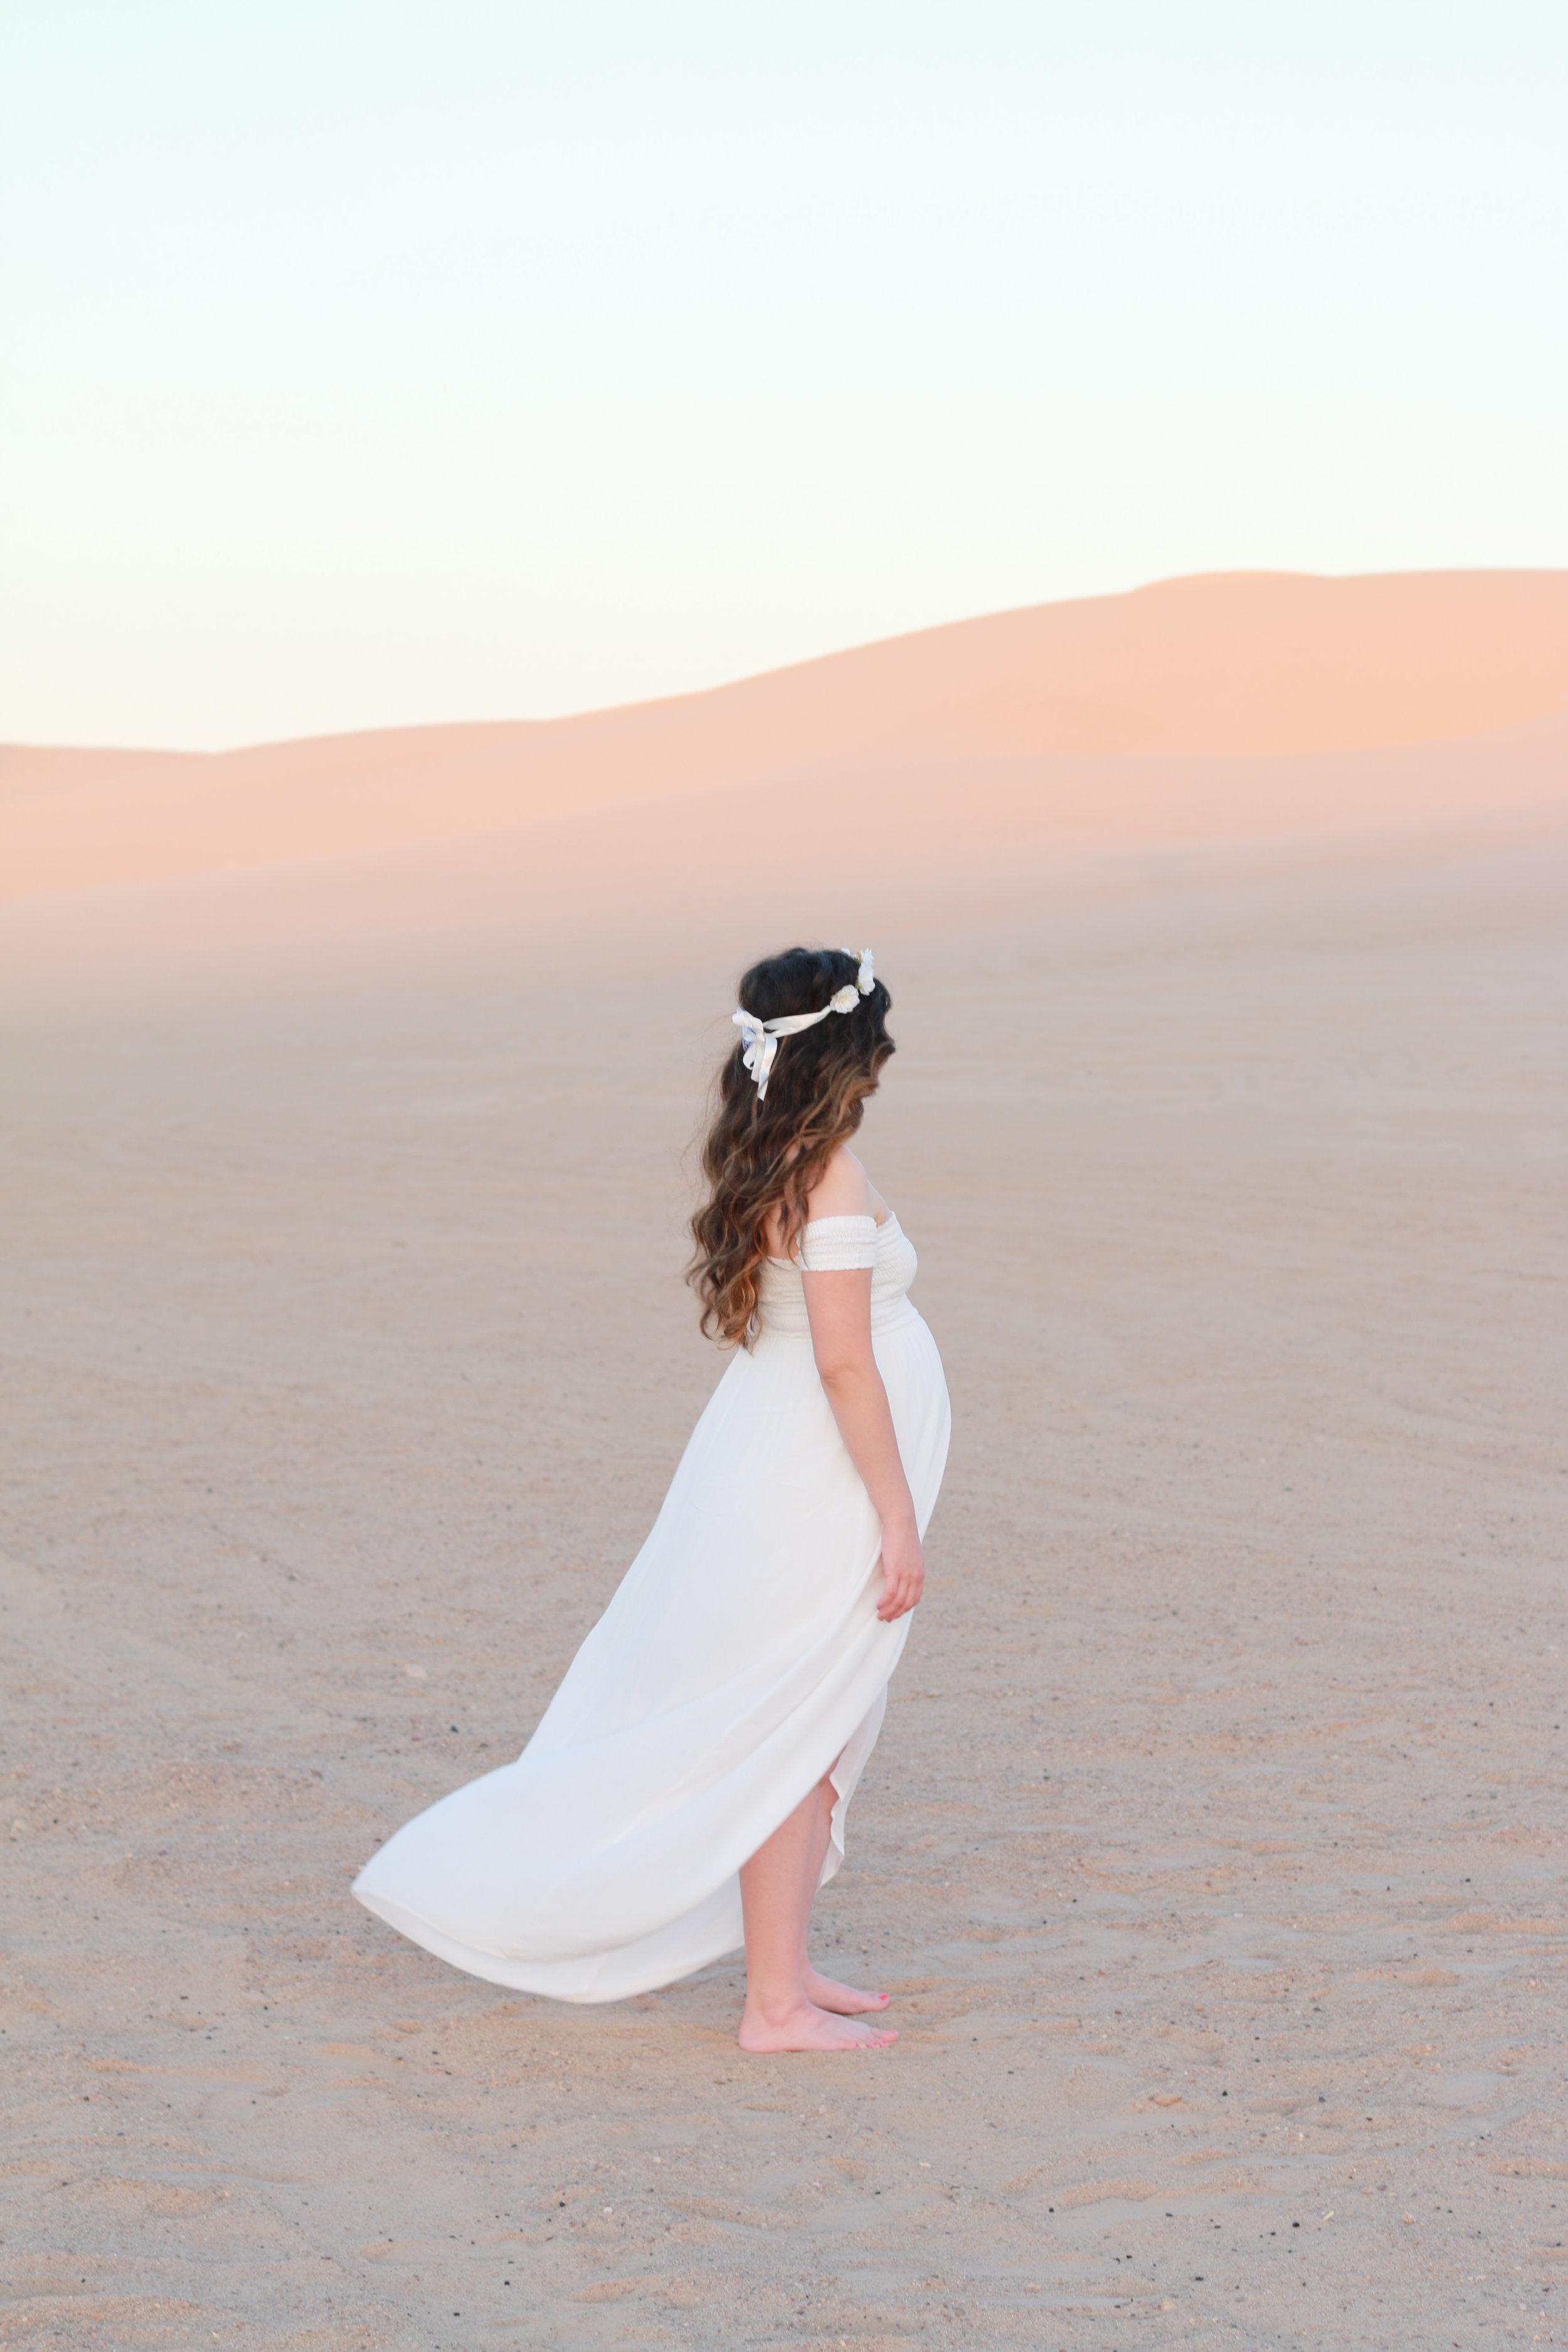 Anthony-and-Stork-Desert-Maternity-Shoot_2689.jpg